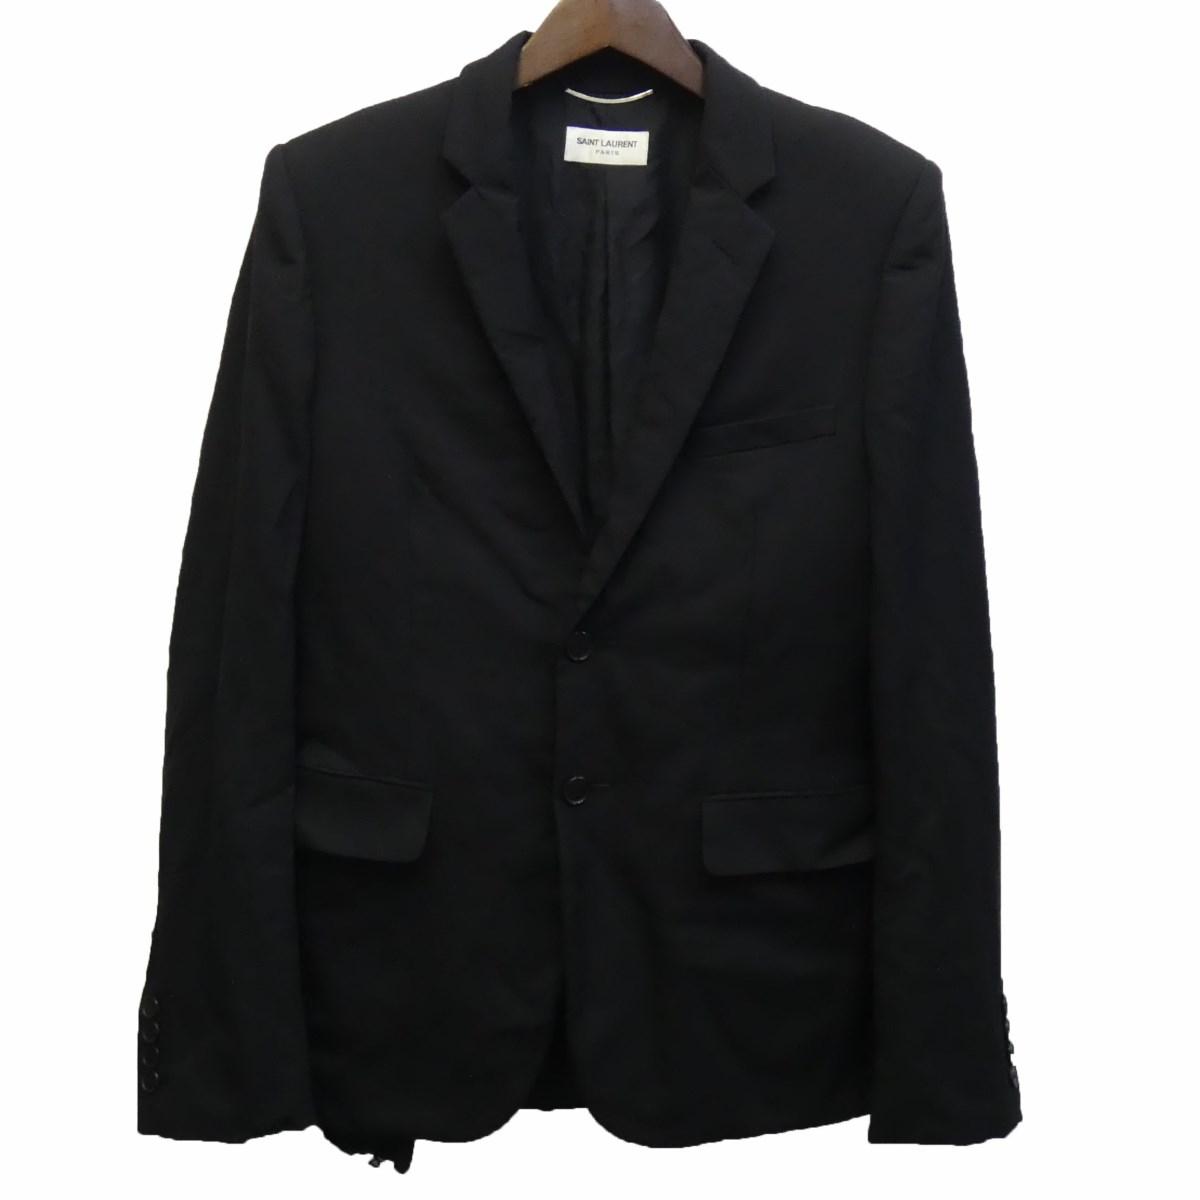 【中古】SAINT LAURENT PARIS17AW 481799 テーラードジャケット ブラック サイズ:46 【4月16日見直し】